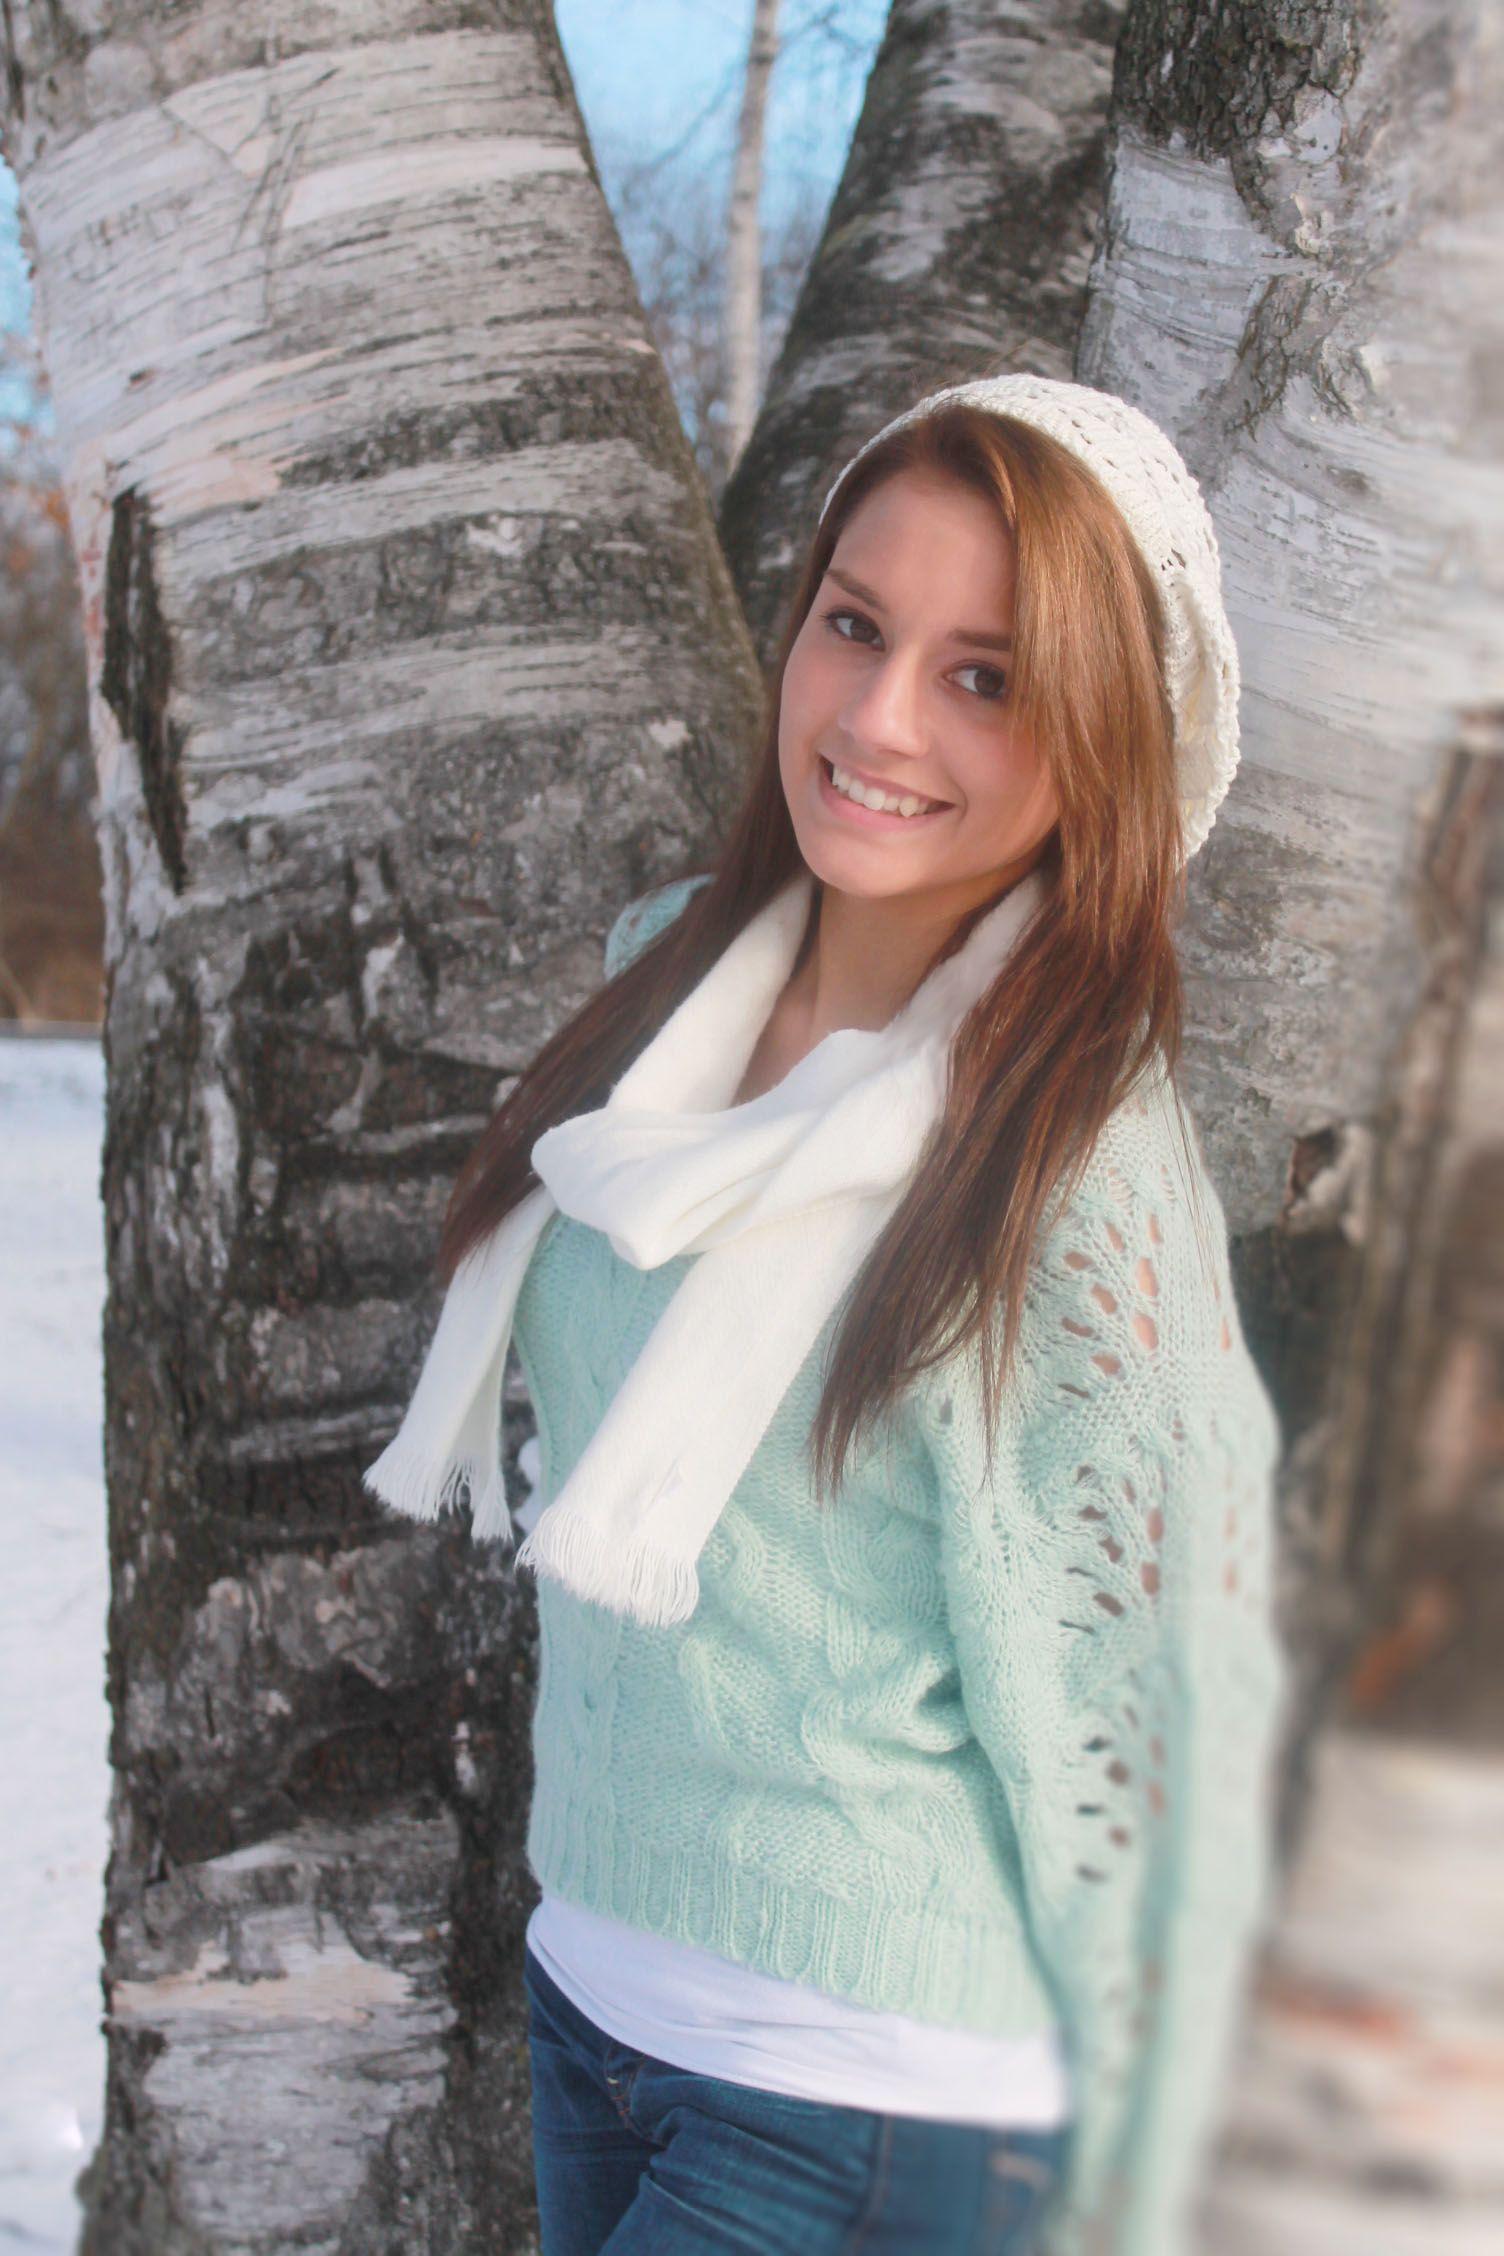 winter senior pic, outdoor senior pic, snow